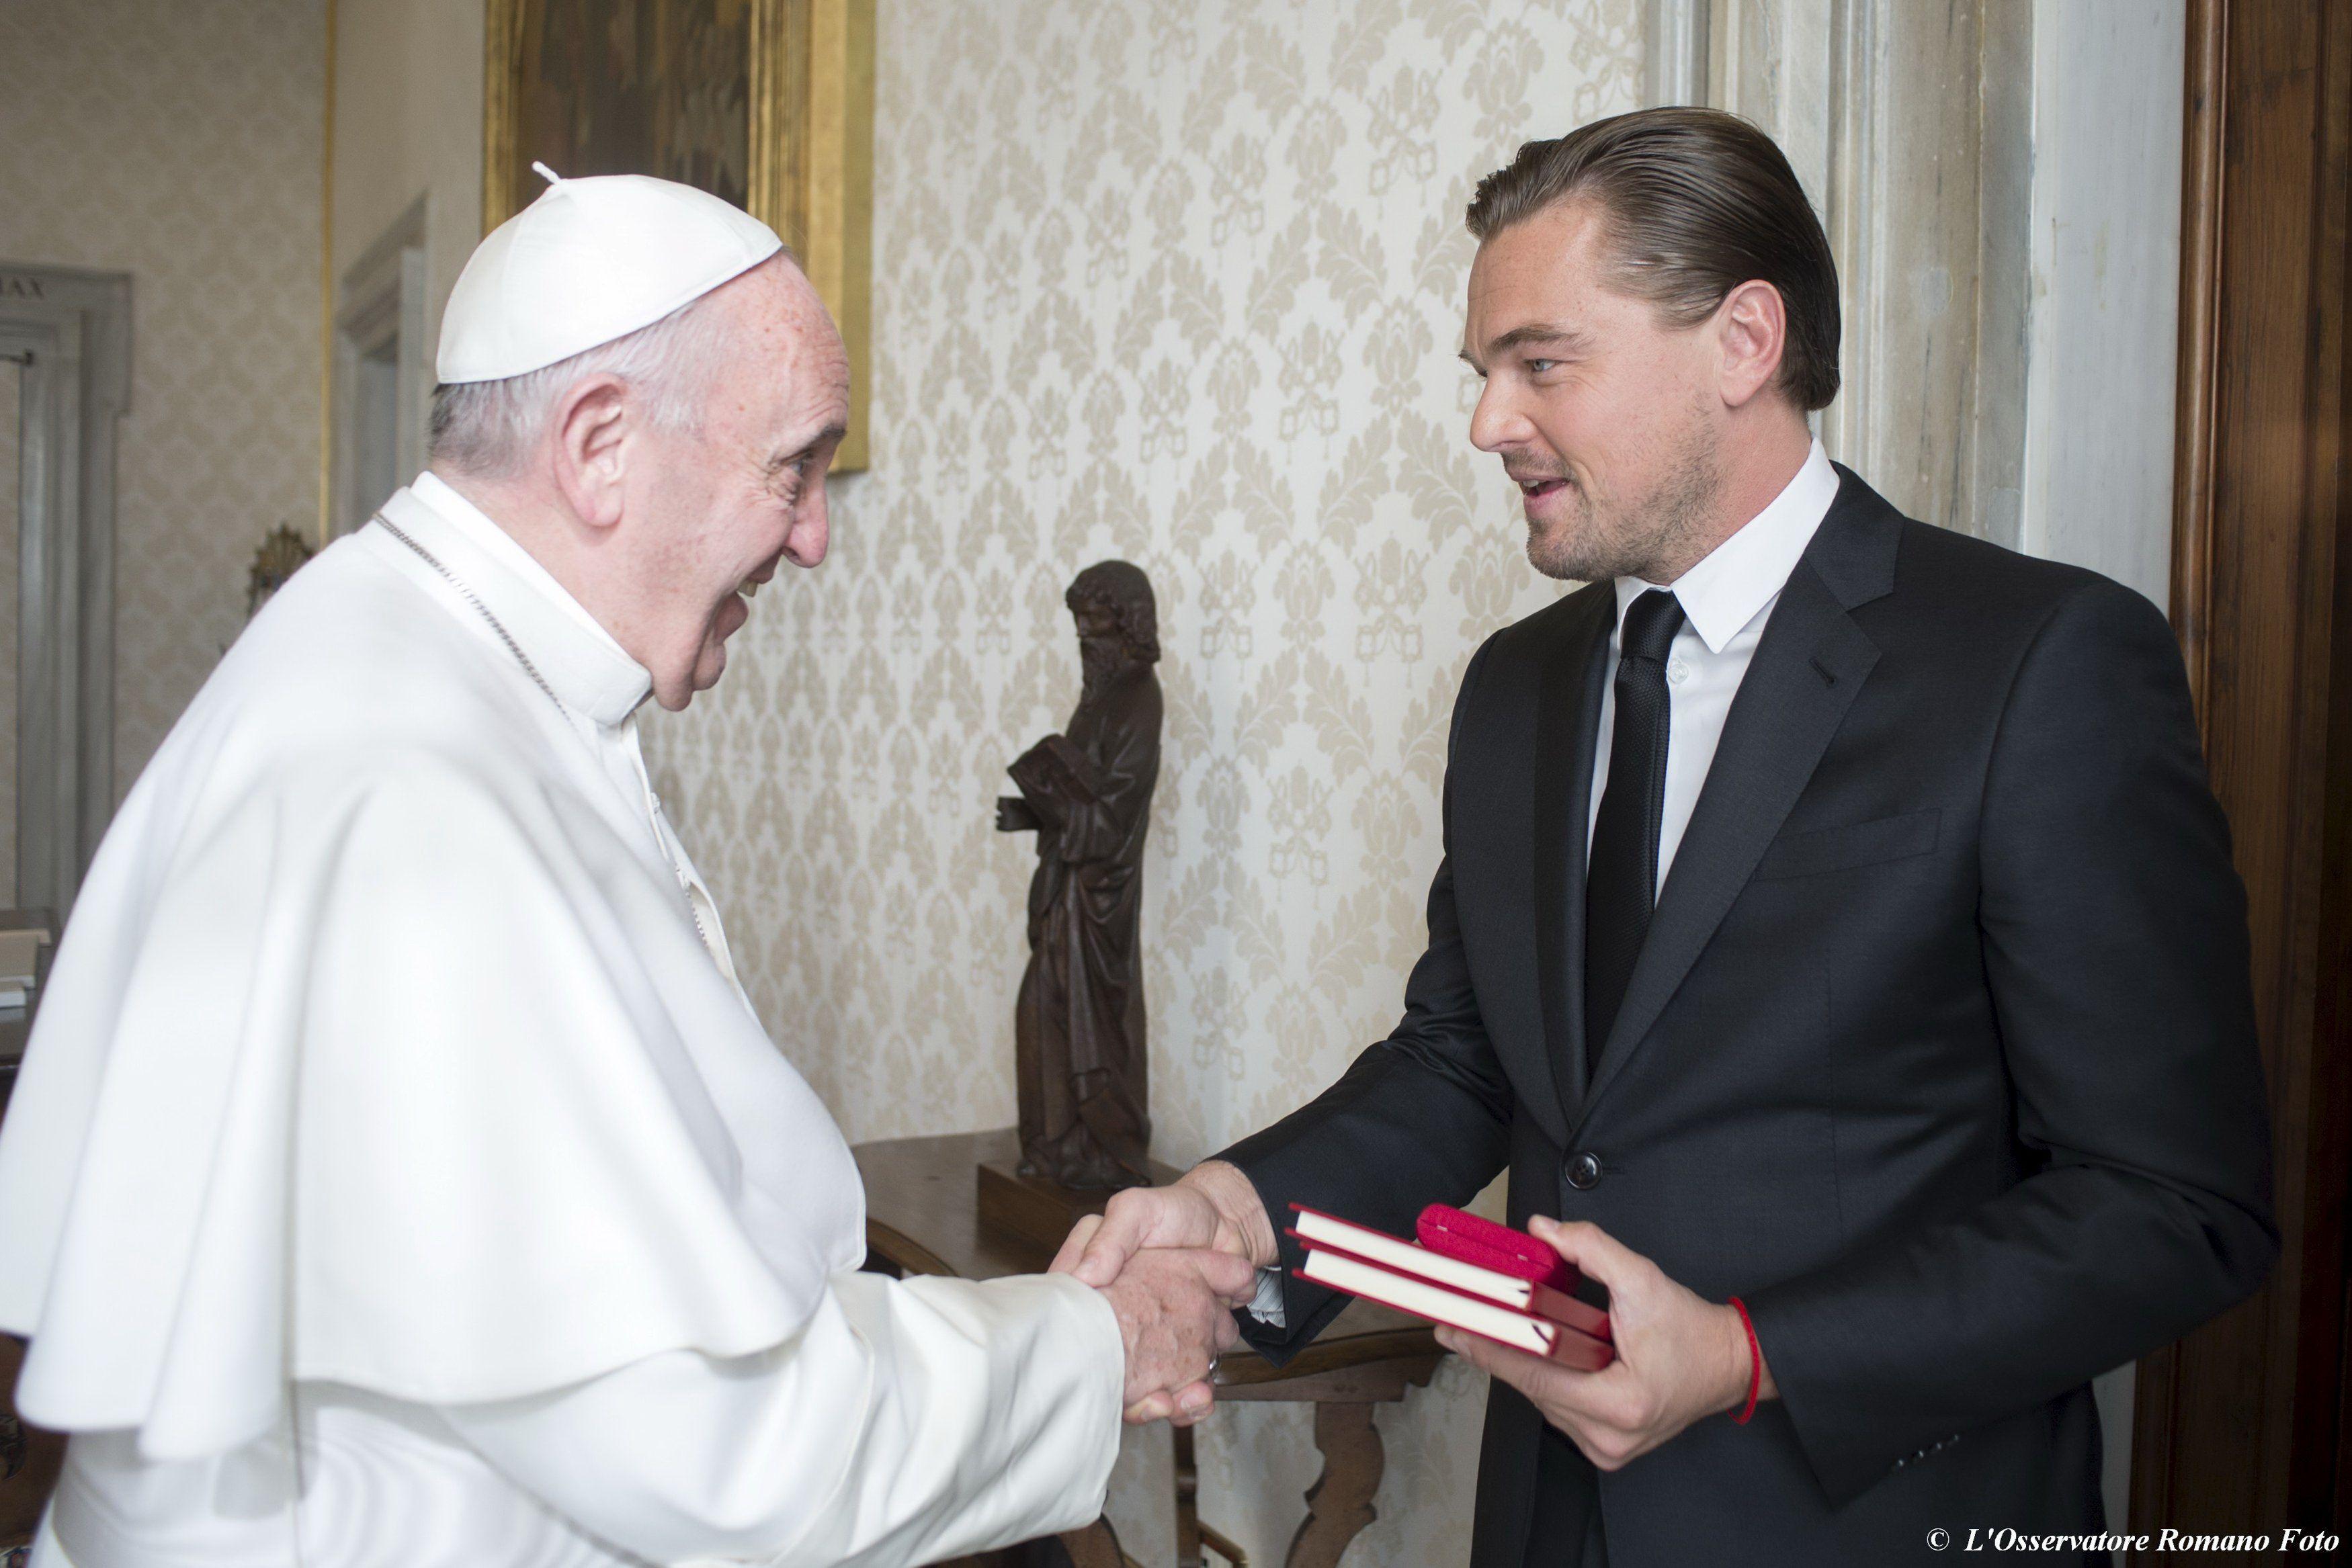 Леонардо ДиКаприо и Папа Римский